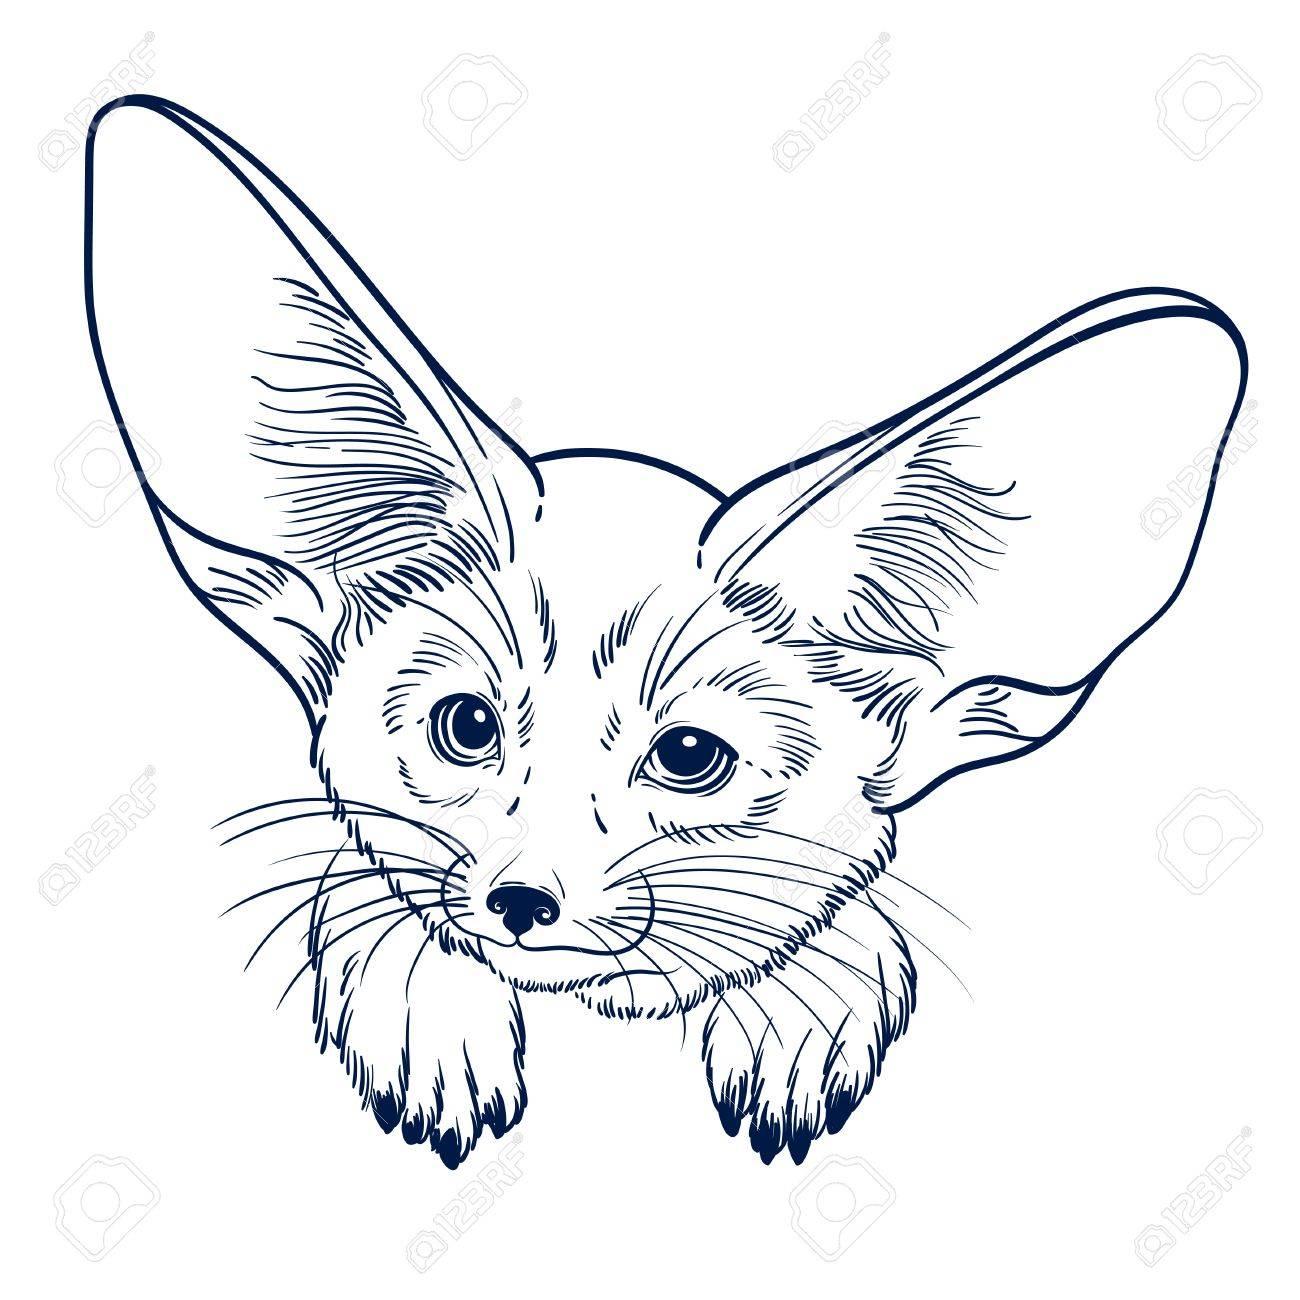 Cute Animal Petit Renard Fennec Enfants Linéaires Illustrations Pour Le Livre De Coloriage Pour Imprimer Des T Shirts Sacs Ou Couverture